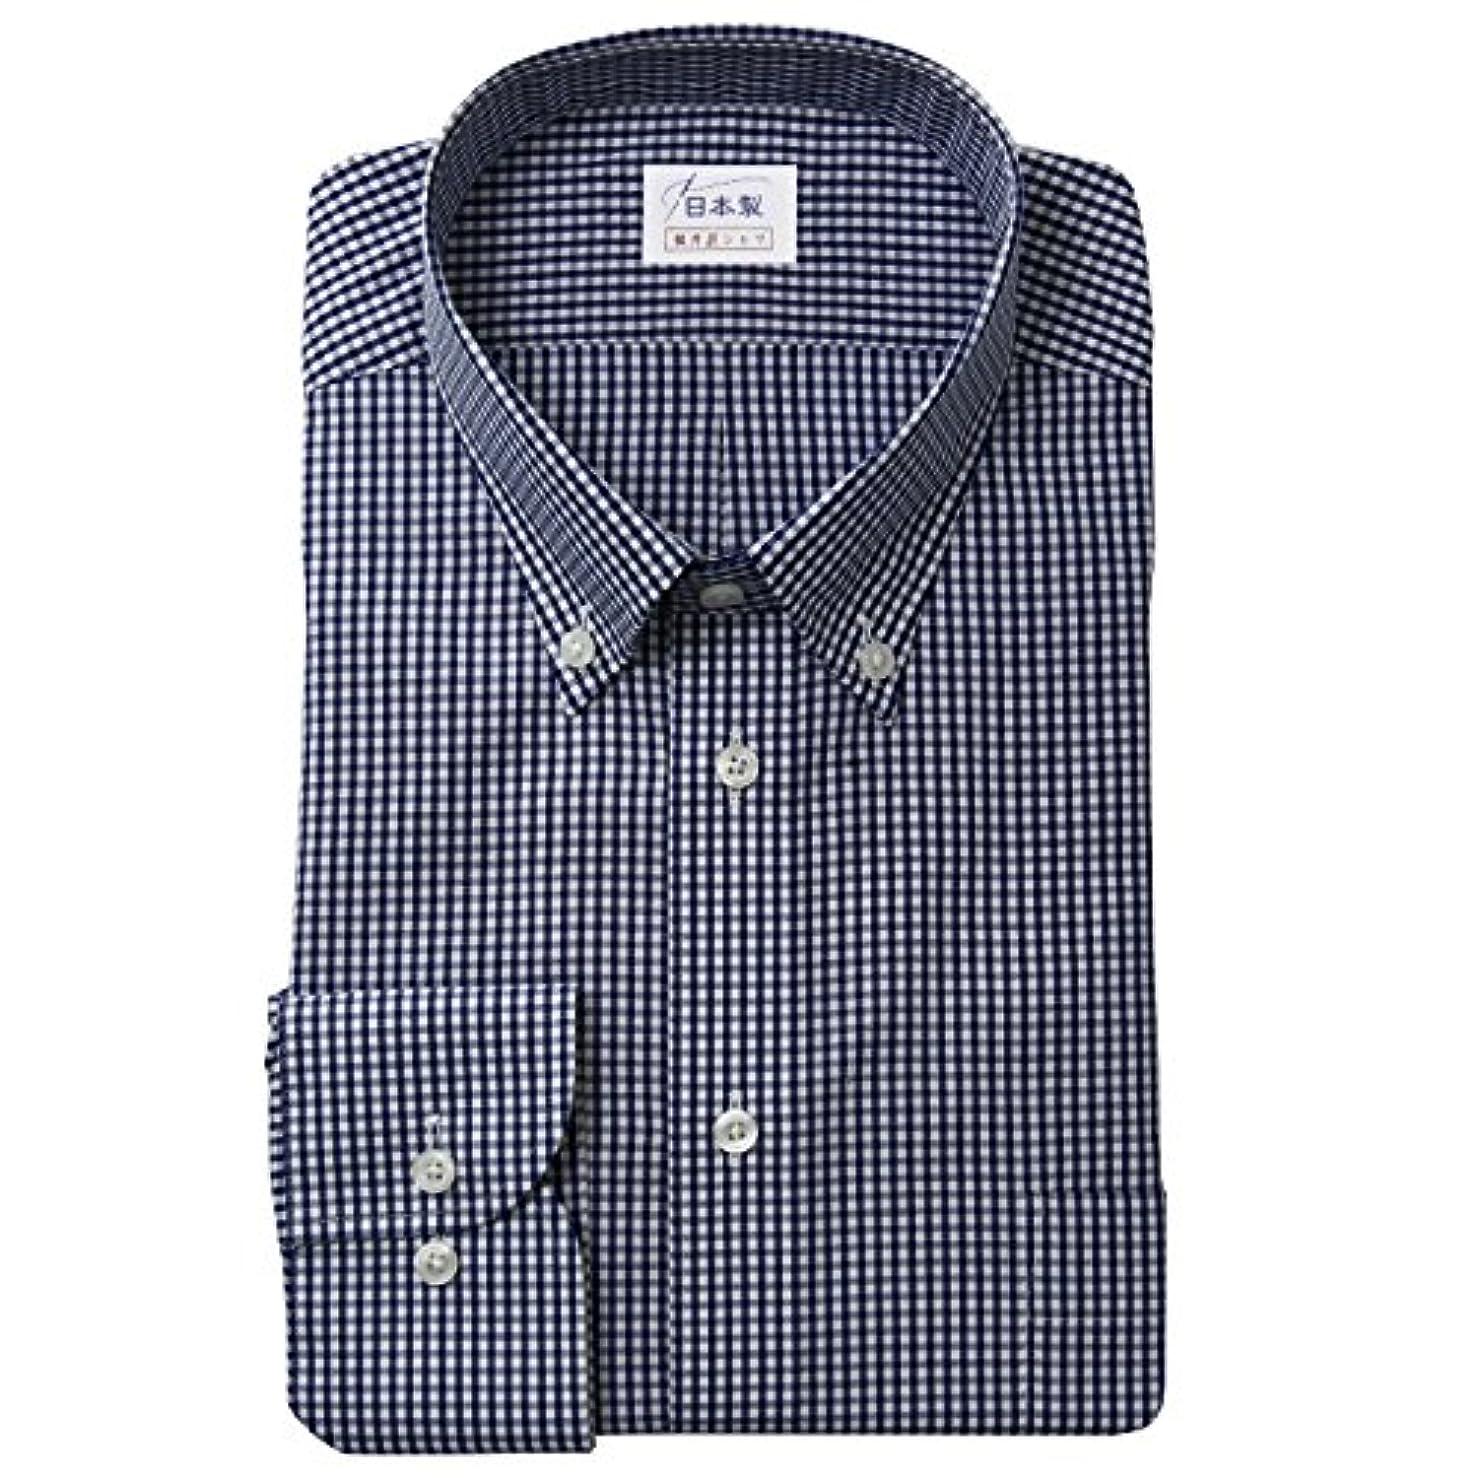 はいのれん保安ワイシャツ 軽井沢シャツ [A10KZB281]ボタンダウン ショートポイント らくらくオーダー受注生産商品